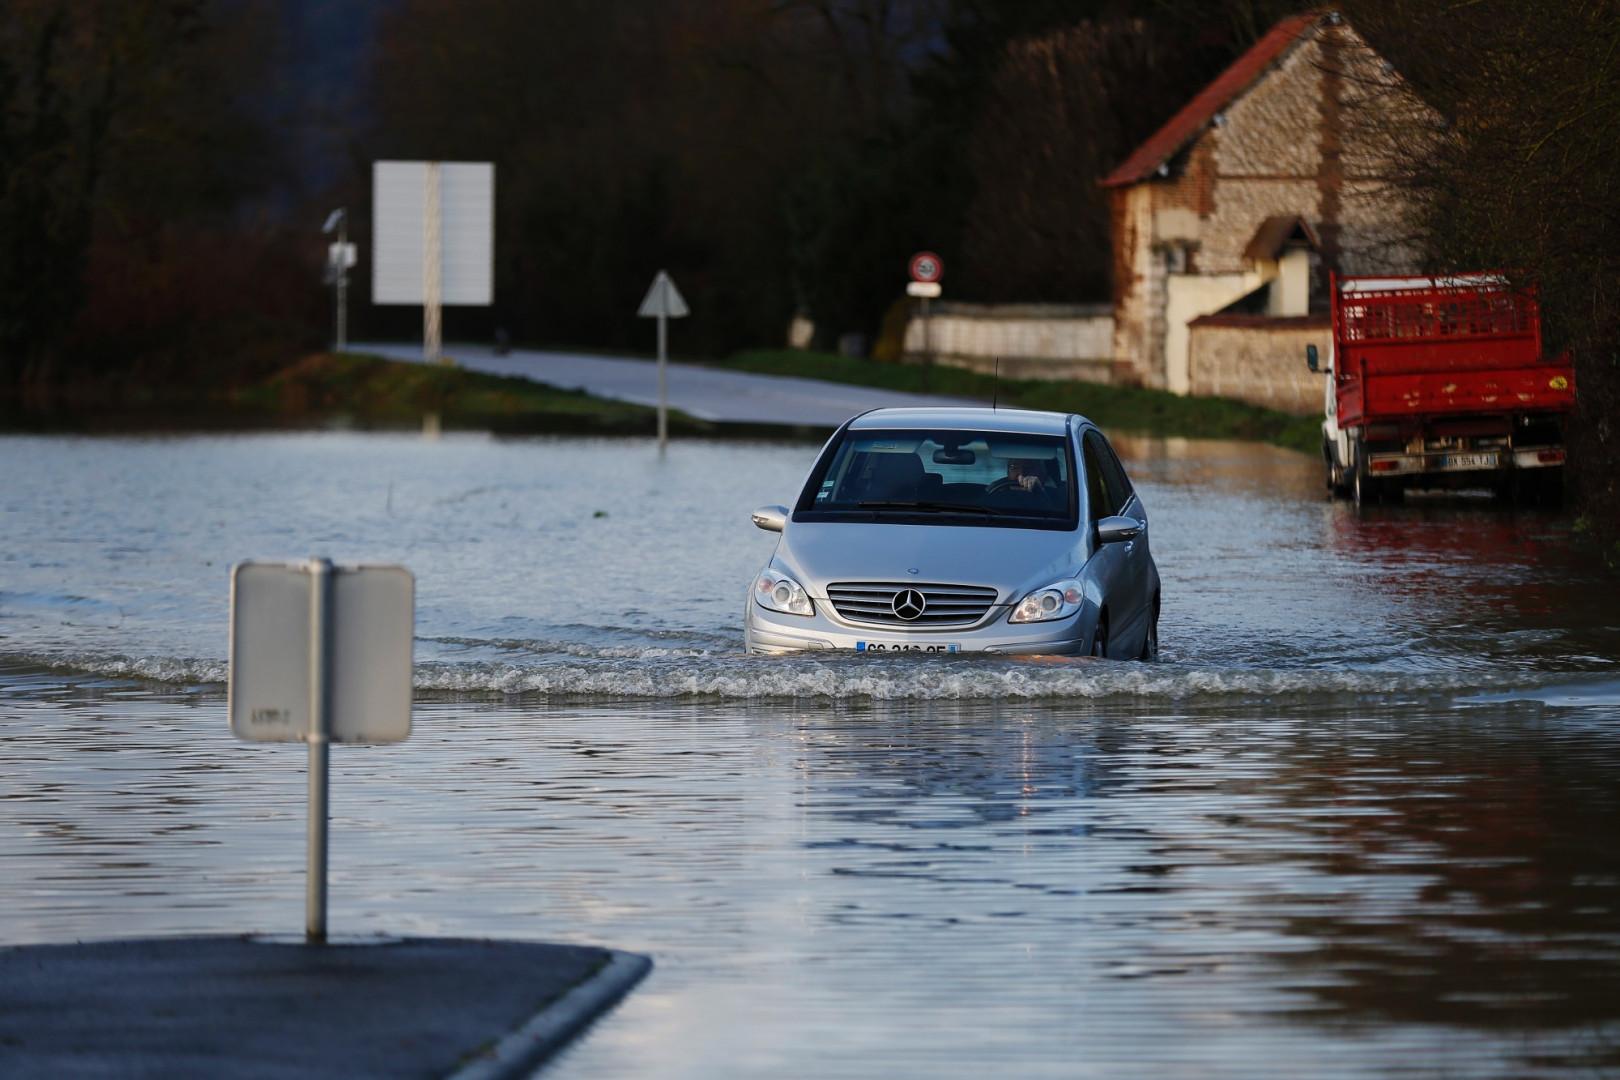 Une voiture tente d'avancer dans les eaux de la Seine à Cléon, près de Rouen, le 1er février 2018